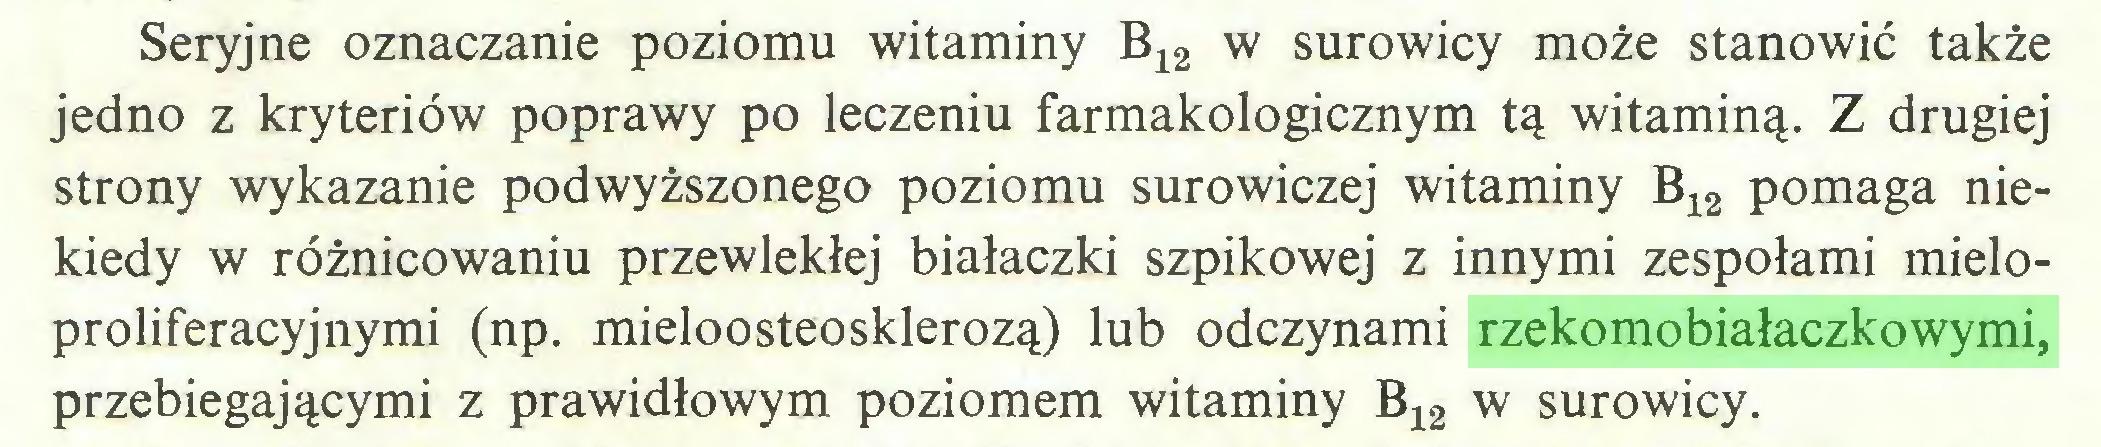 (...) Seryjne oznaczanie poziomu witaminy B12 w surowicy może stanowić także jedno z kryteriów poprawy po leczeniu farmakologicznym tą witaminą. Z drugiej strony wykazanie podwyższonego poziomu surowiczej witaminy B12 pomaga niekiedy w różnicowaniu przewlekłej białaczki szpikowej z innymi zespołami mieloproliferacyjnymi (np. mieloosteosklerozą) lub odczynami rzekomobiałaczkowymi, przebiegającymi z prawidłowym poziomem witaminy B12 w surowicy...